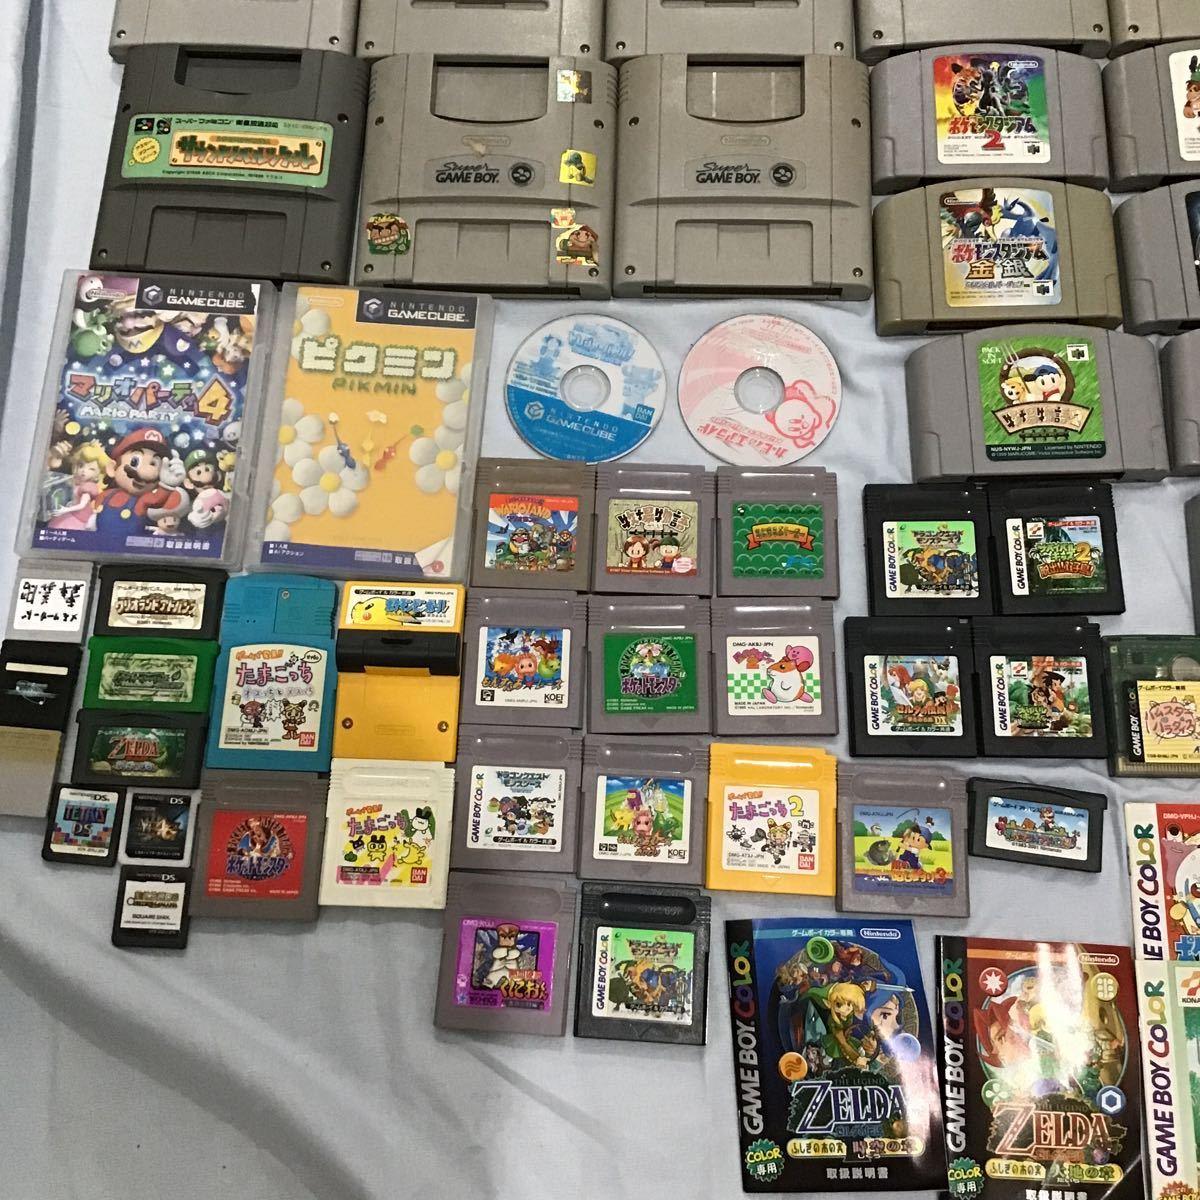 【中古任天堂ソフト】Nintendo ゲームボーイ ゲームボーイカラー スーパーファミコン 64 アドバンス DS キューブ まとめて87点_画像10